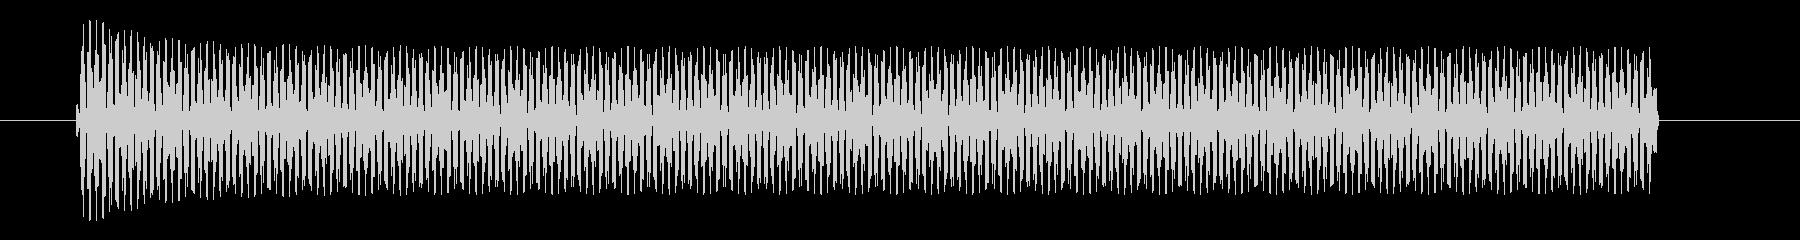 電話8の未再生の波形